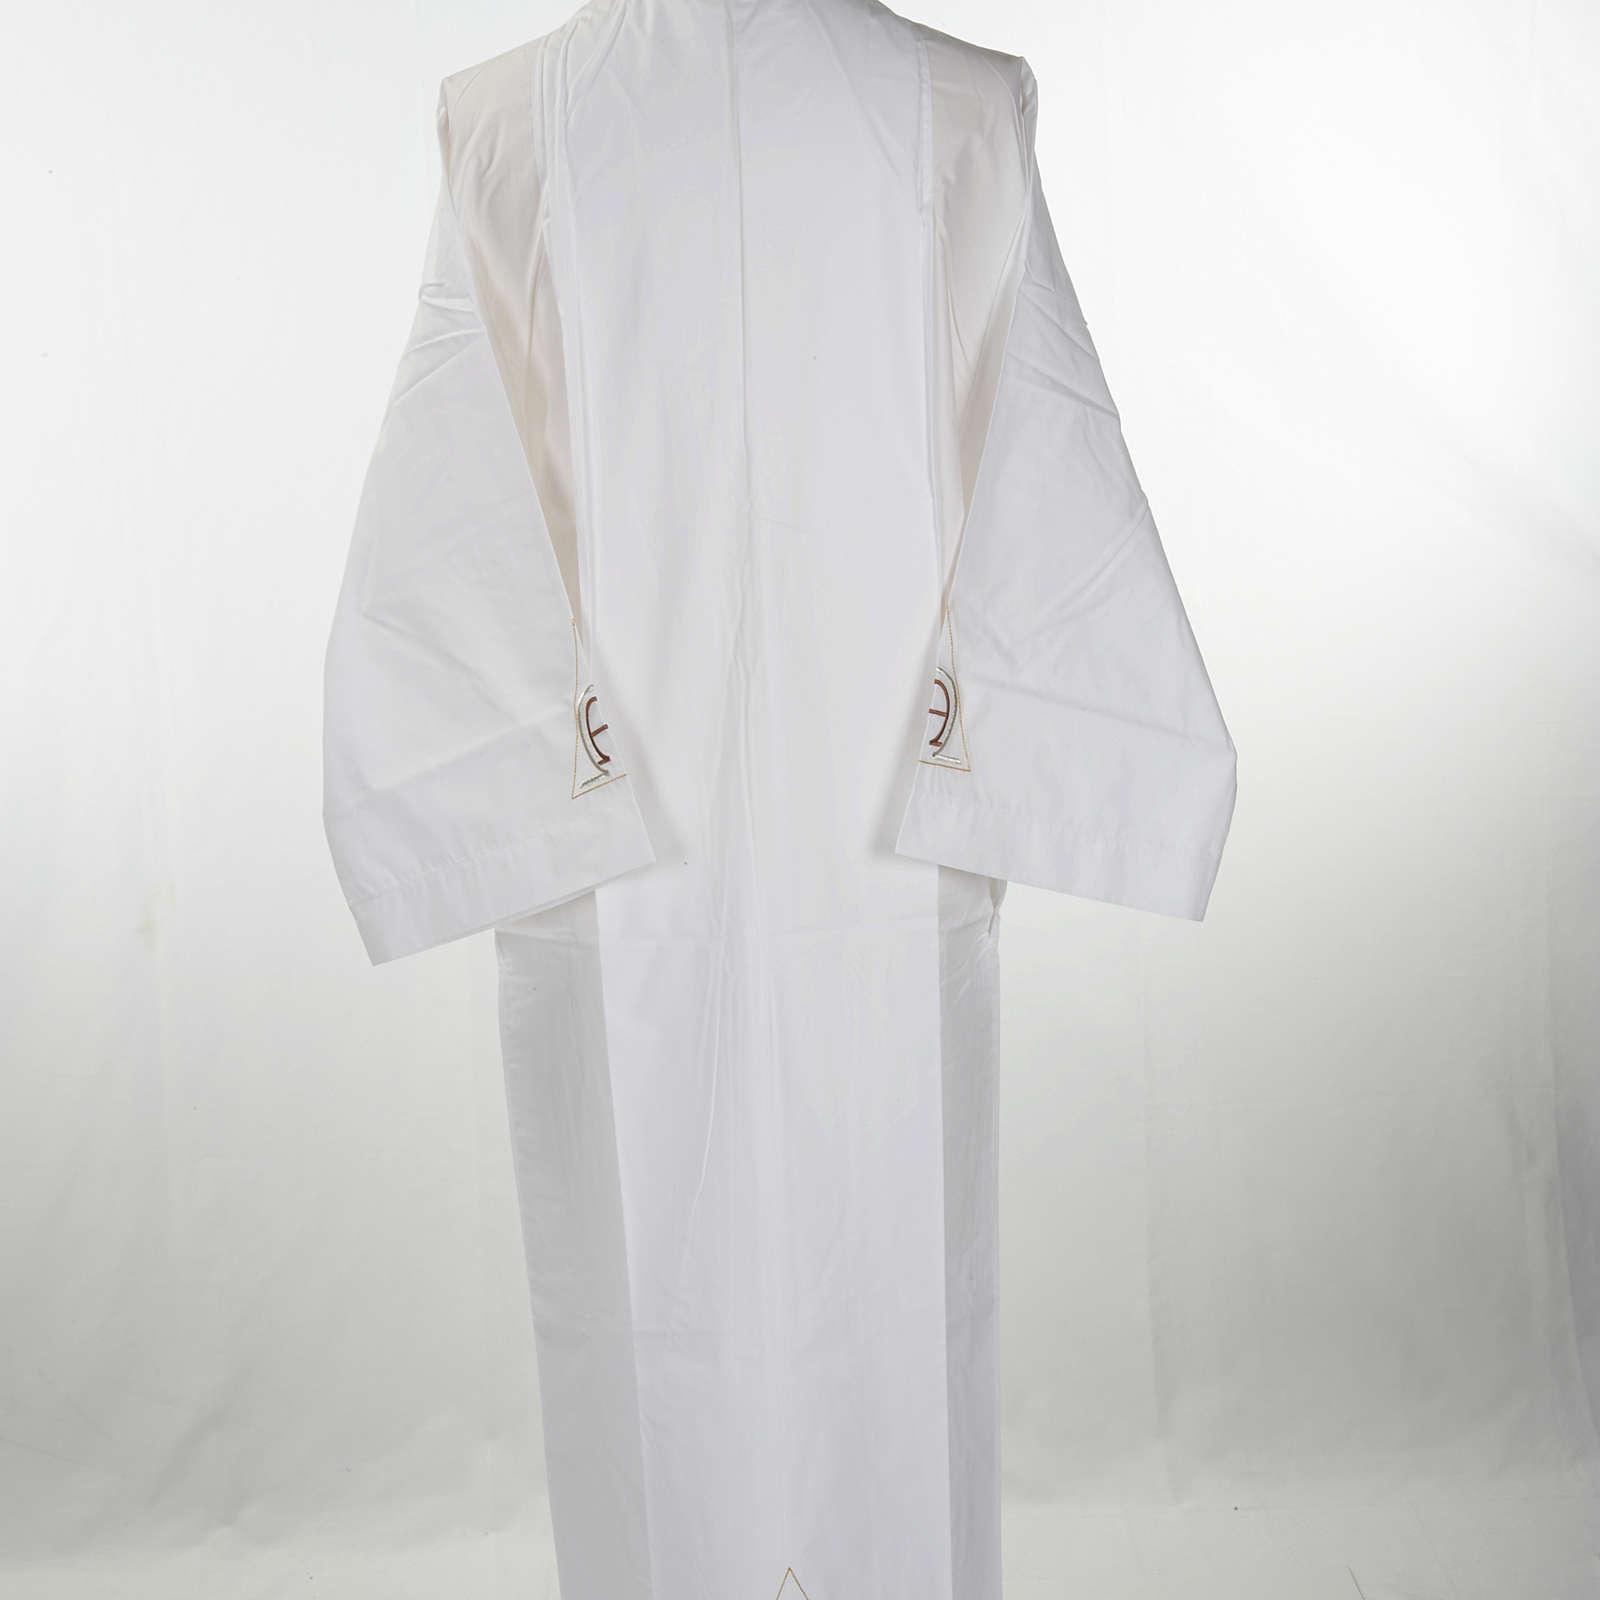 Alba blanca en algodón alfa y omega 4